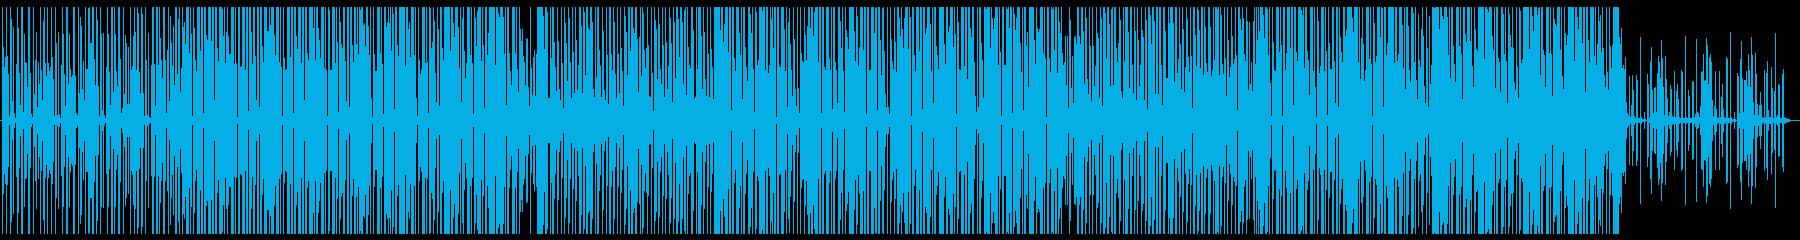 ファンキーなラテン系ストラットの再生済みの波形